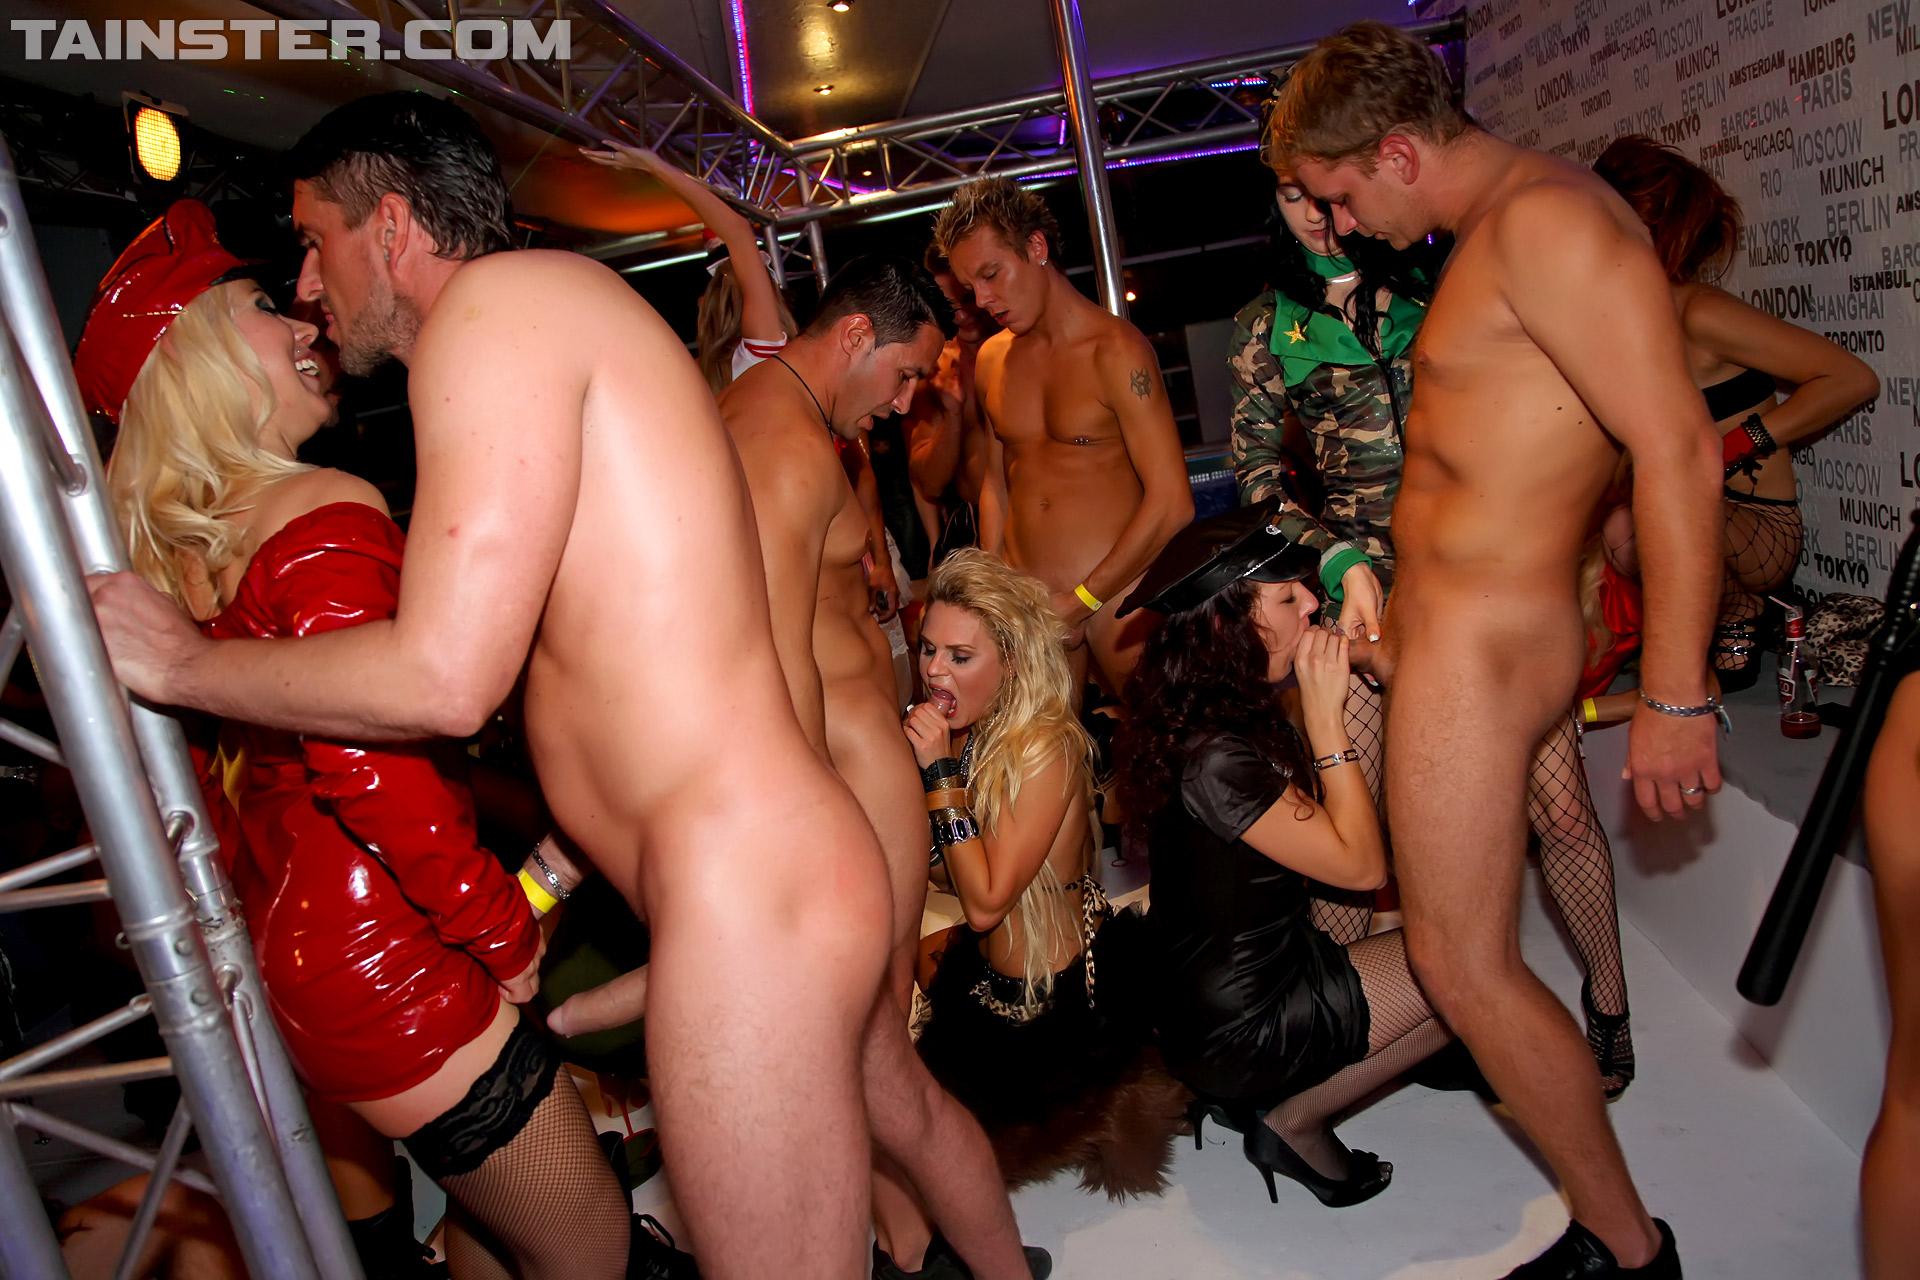 Фото порно у вечеринка, Порно вечеринки, фото секс пати, порно клуб 13 фотография